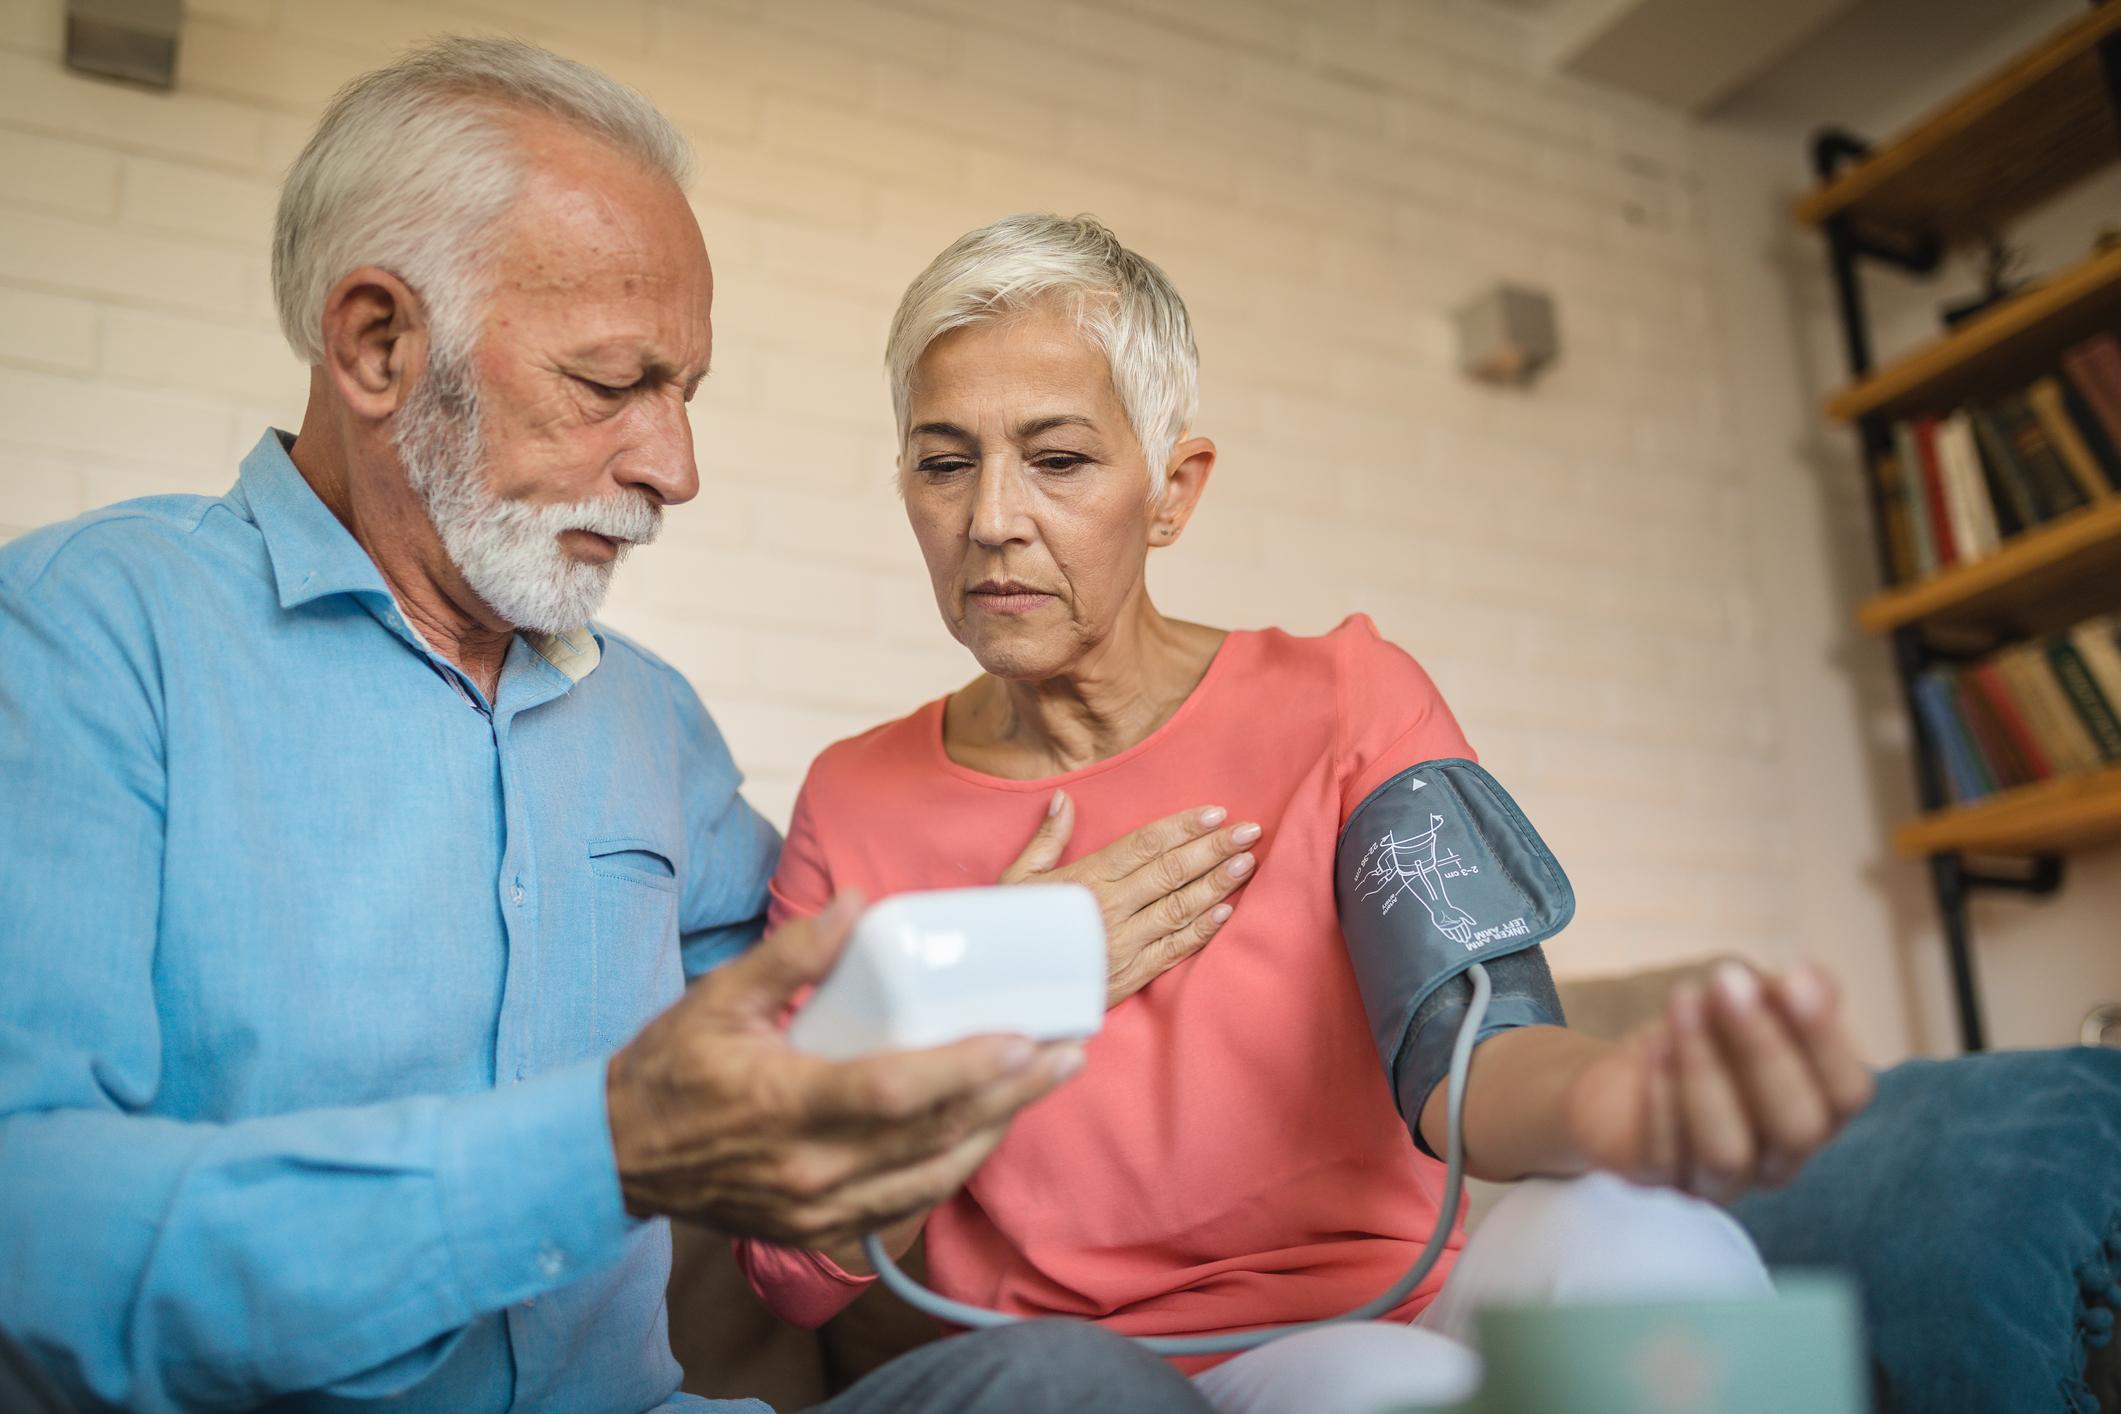 Oboljeli nerijetko podcjenjuju rizik i nisu svjesni opasnosti koju nosi hipertenzija.